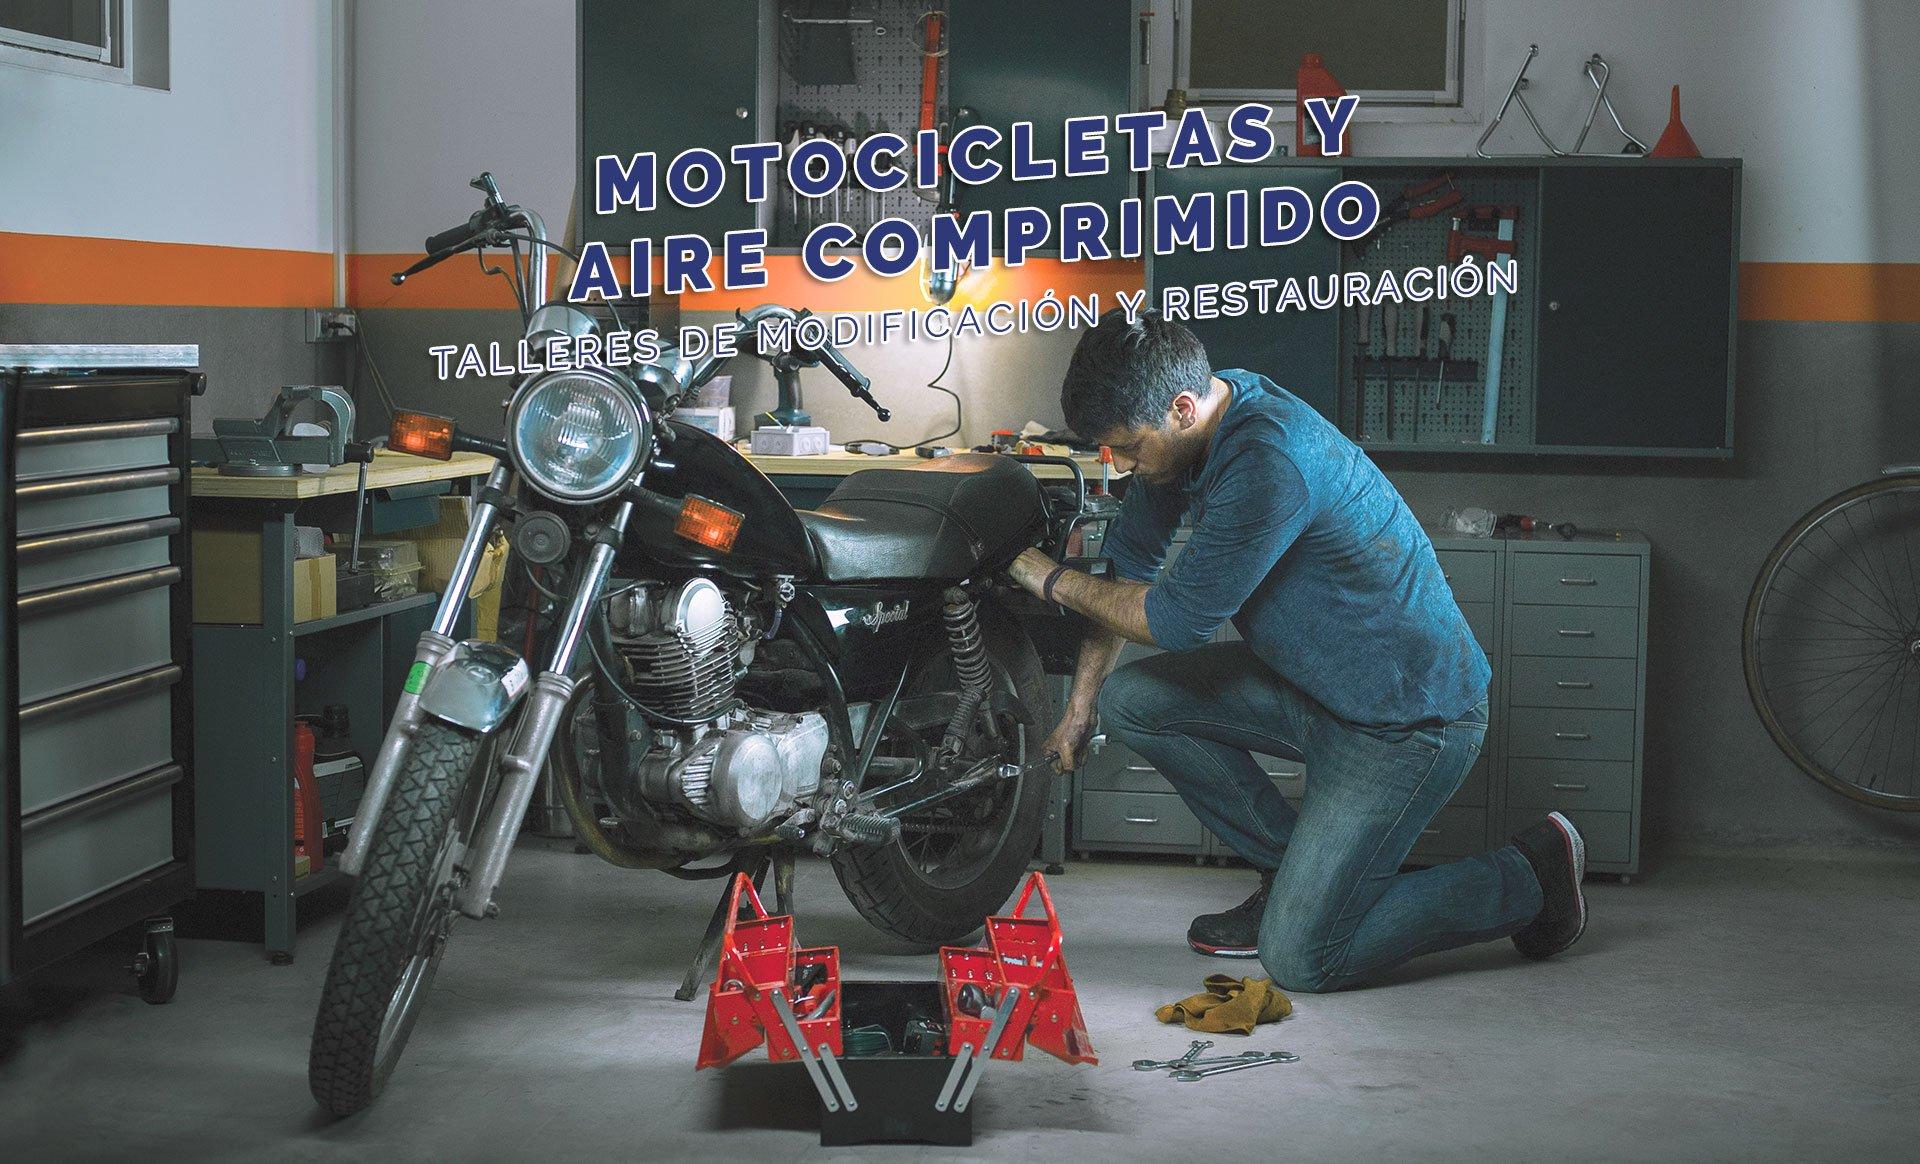 motocicletas y aire comprimido